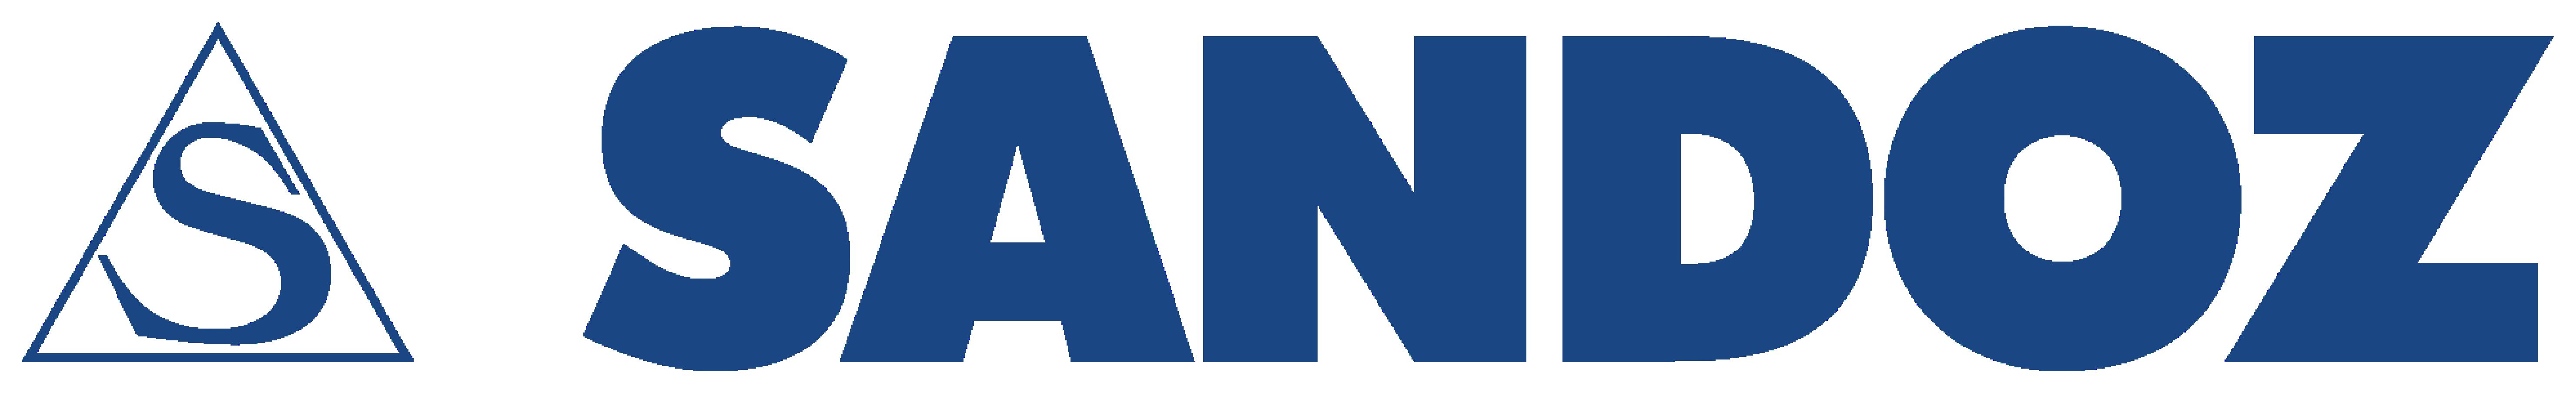 sandoz-logo